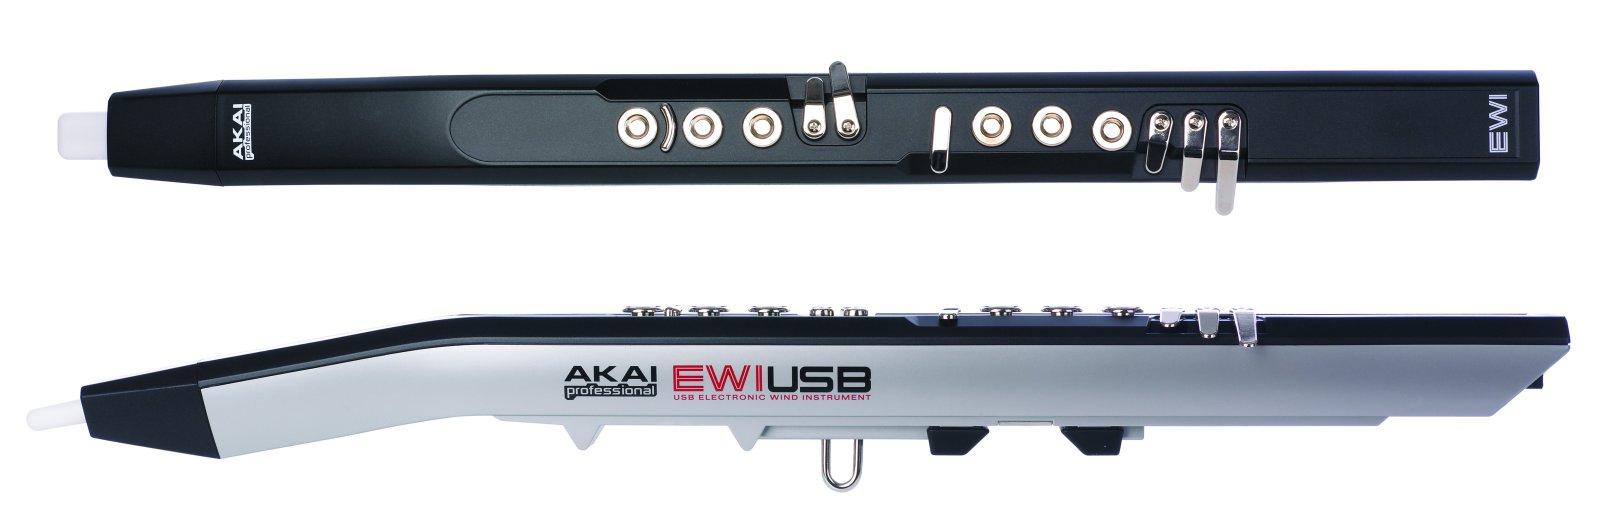 Resultado de imagem para AKAI EWI USB